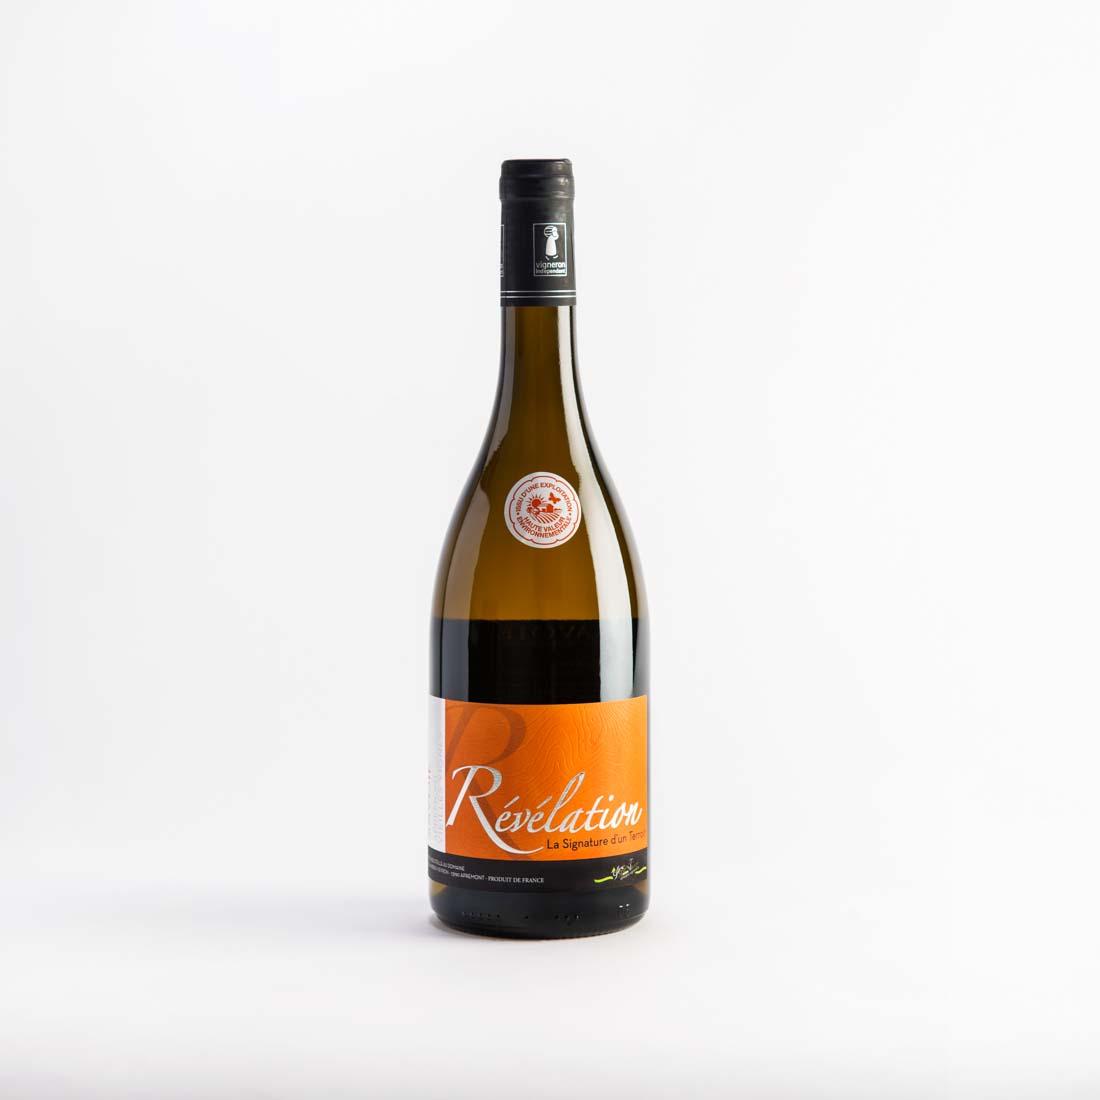 vins de savoie apremont vieilles vignes revelation adrien veyron et fils